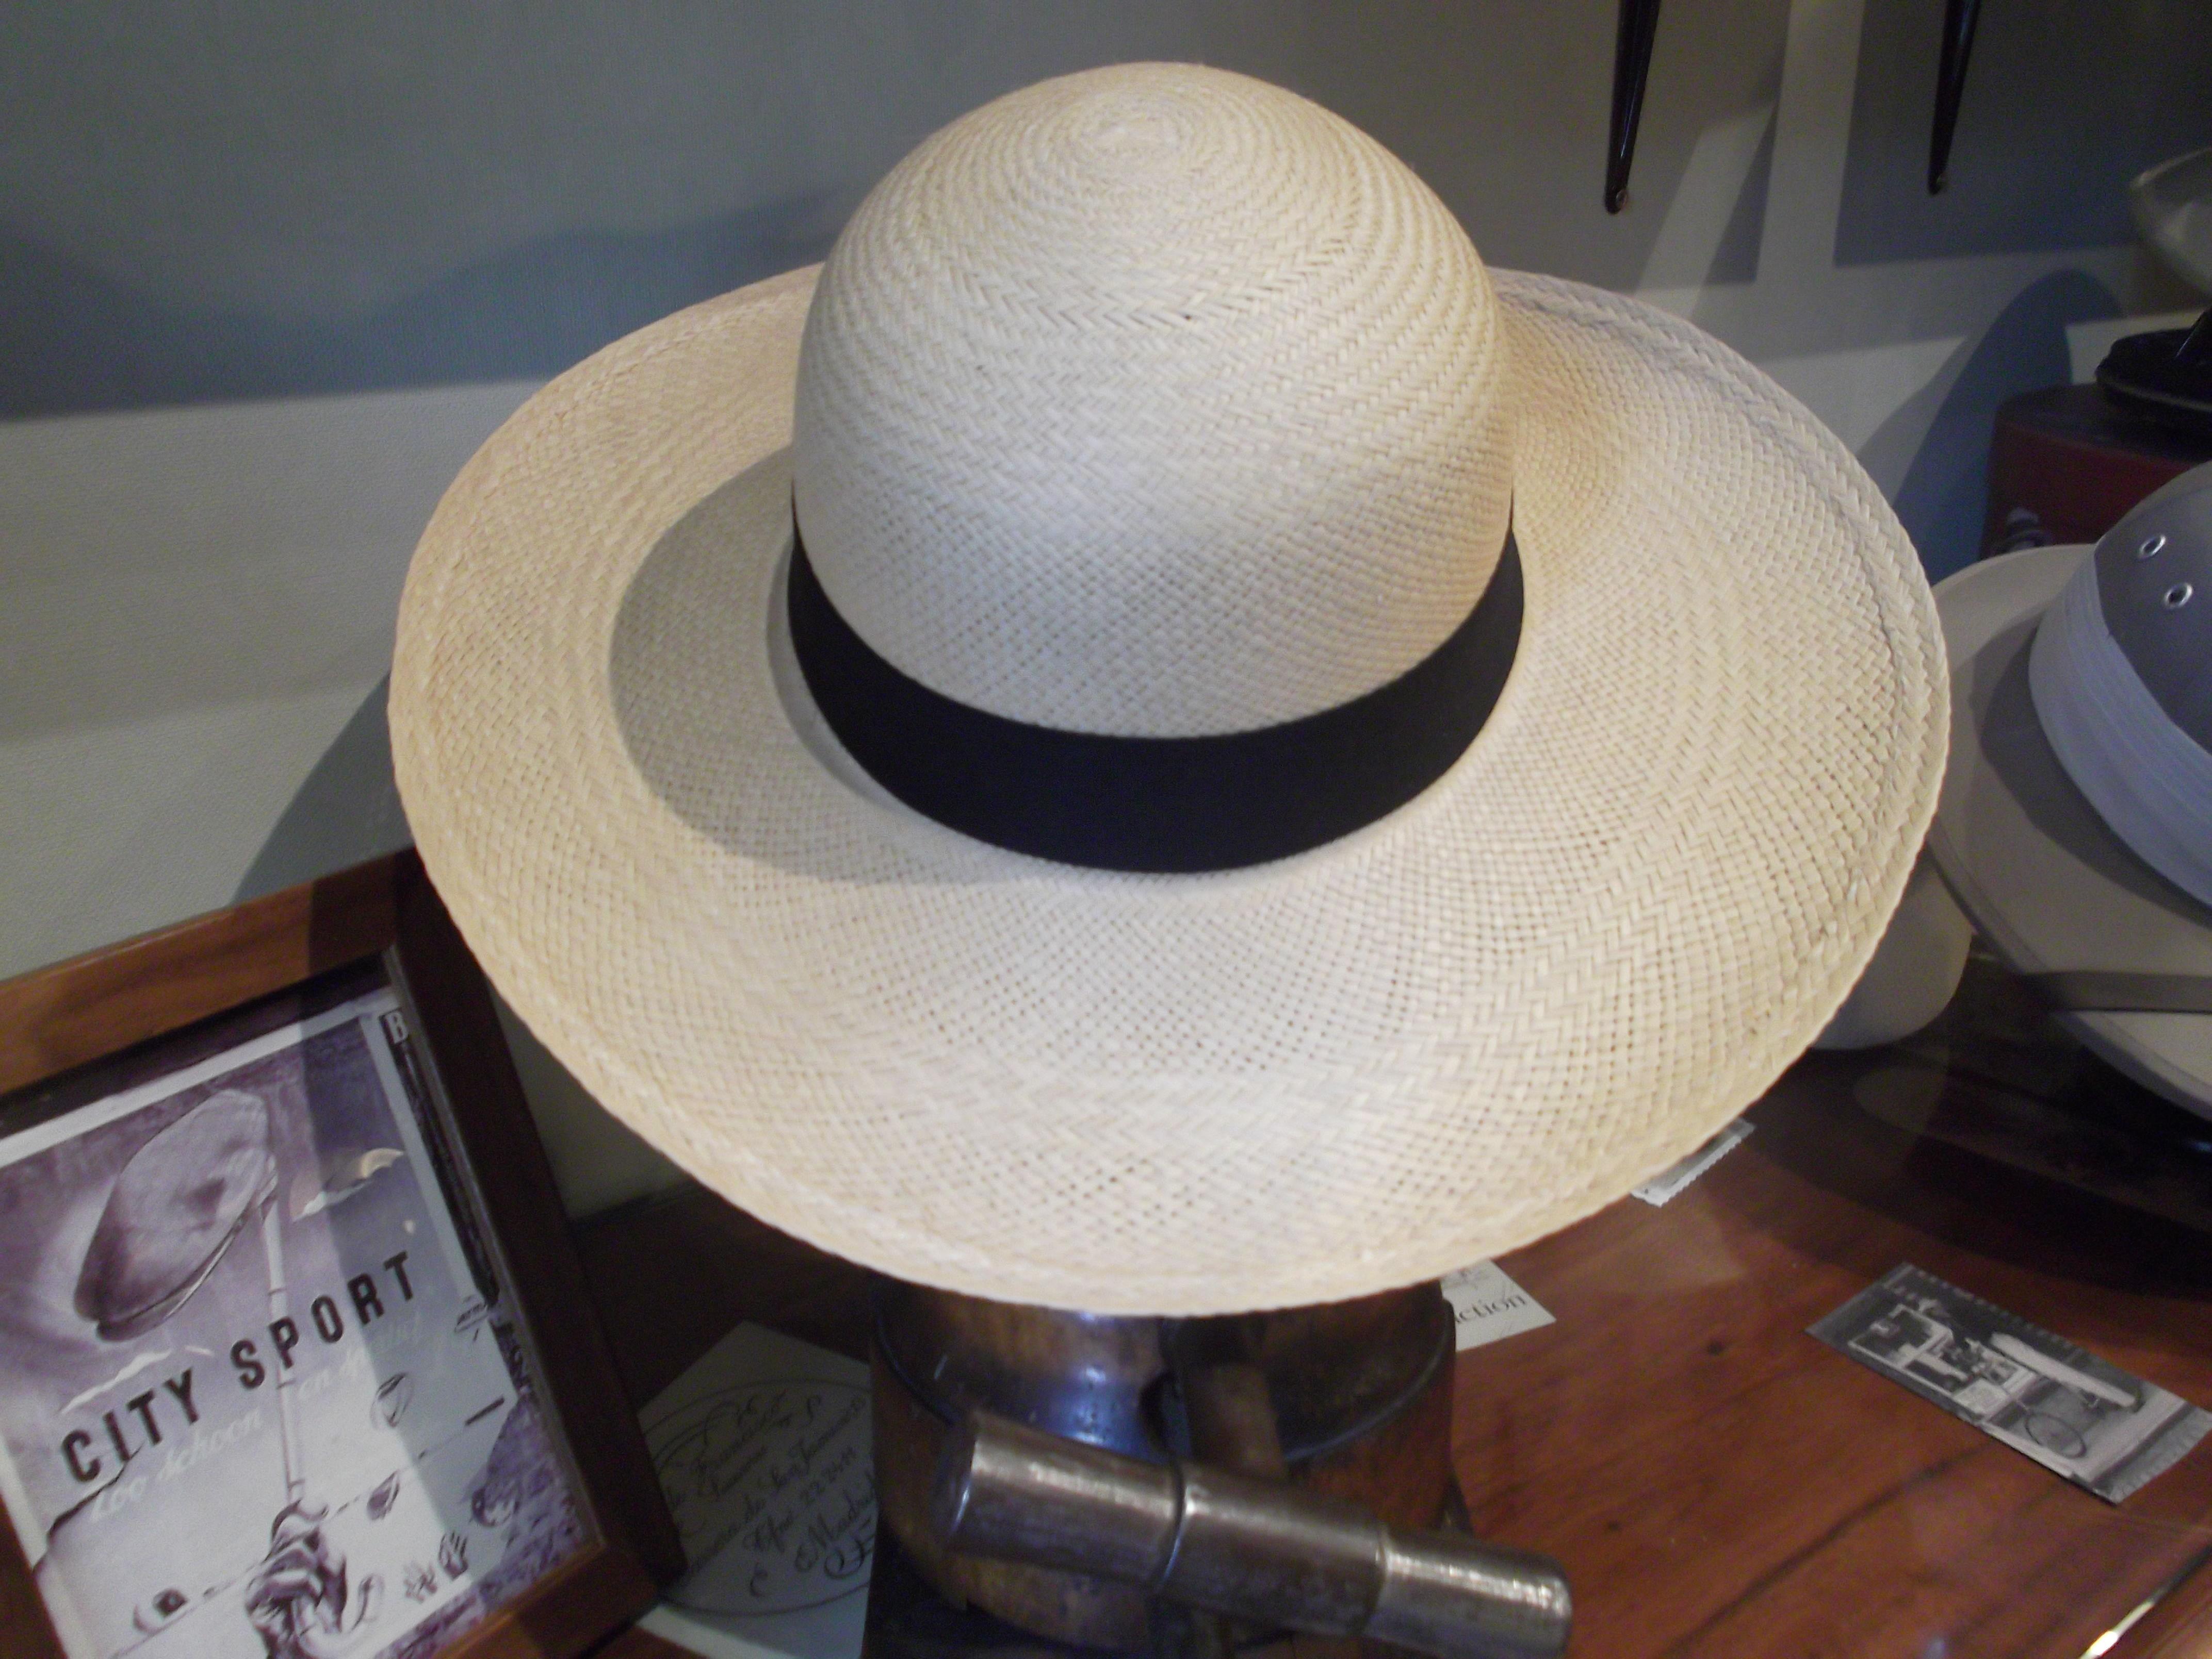 Pamela clásica panamá: Catálogo de Sombrerería Citysport